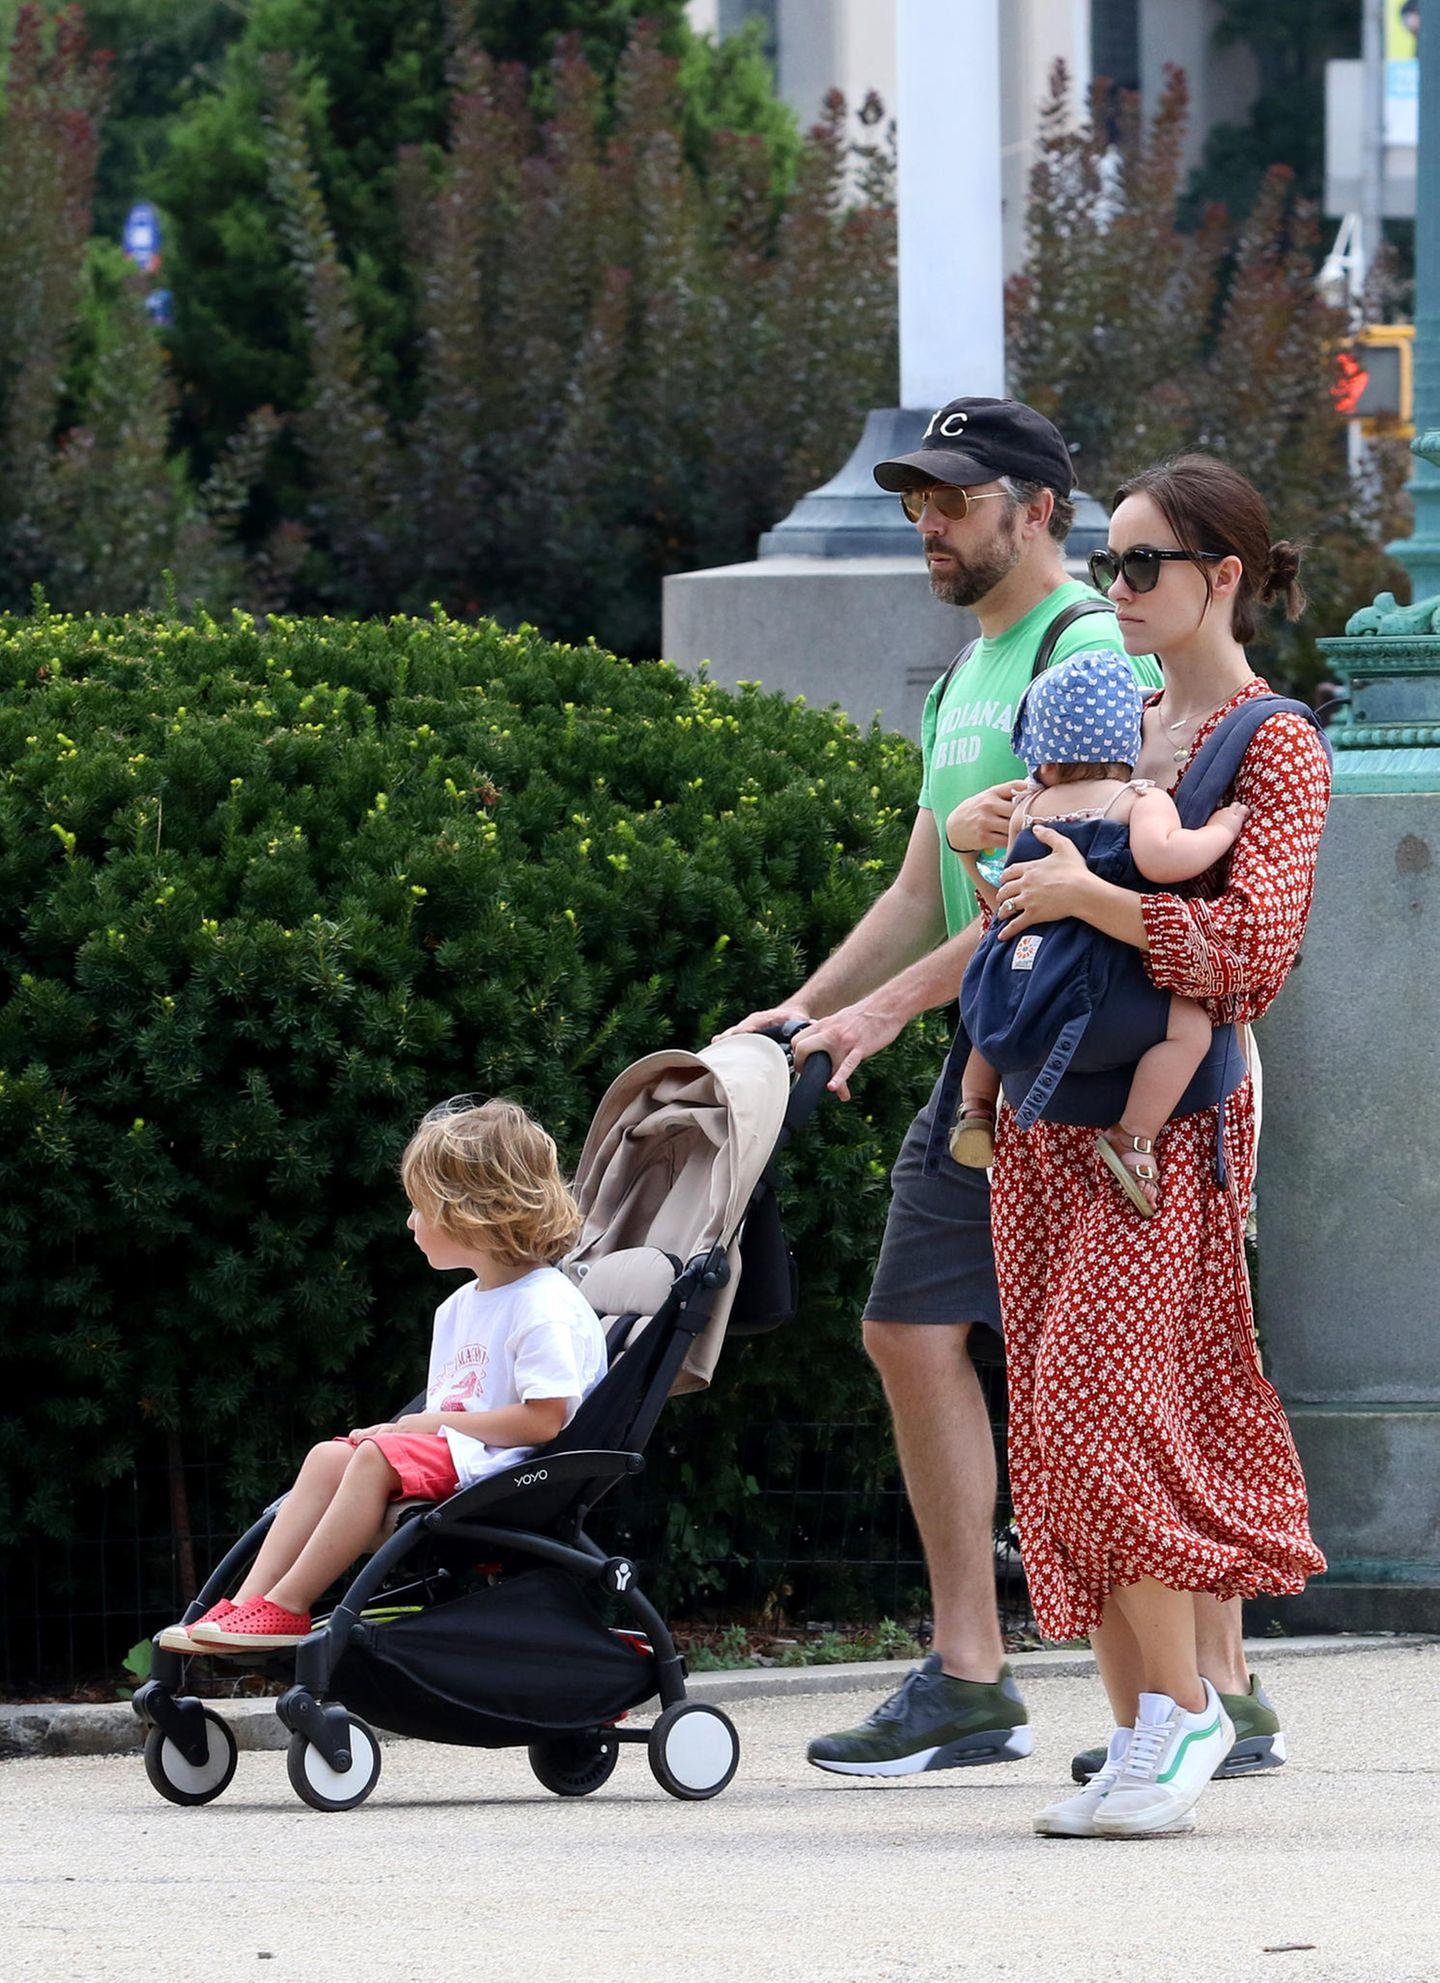 Der anschließende Spaziergang führt die vier danach durch New Yorks Straßen. Während Baby Daisy noch auf Mamas Arme darf, genießt Bruder Otis seinen Platz im Buggy.